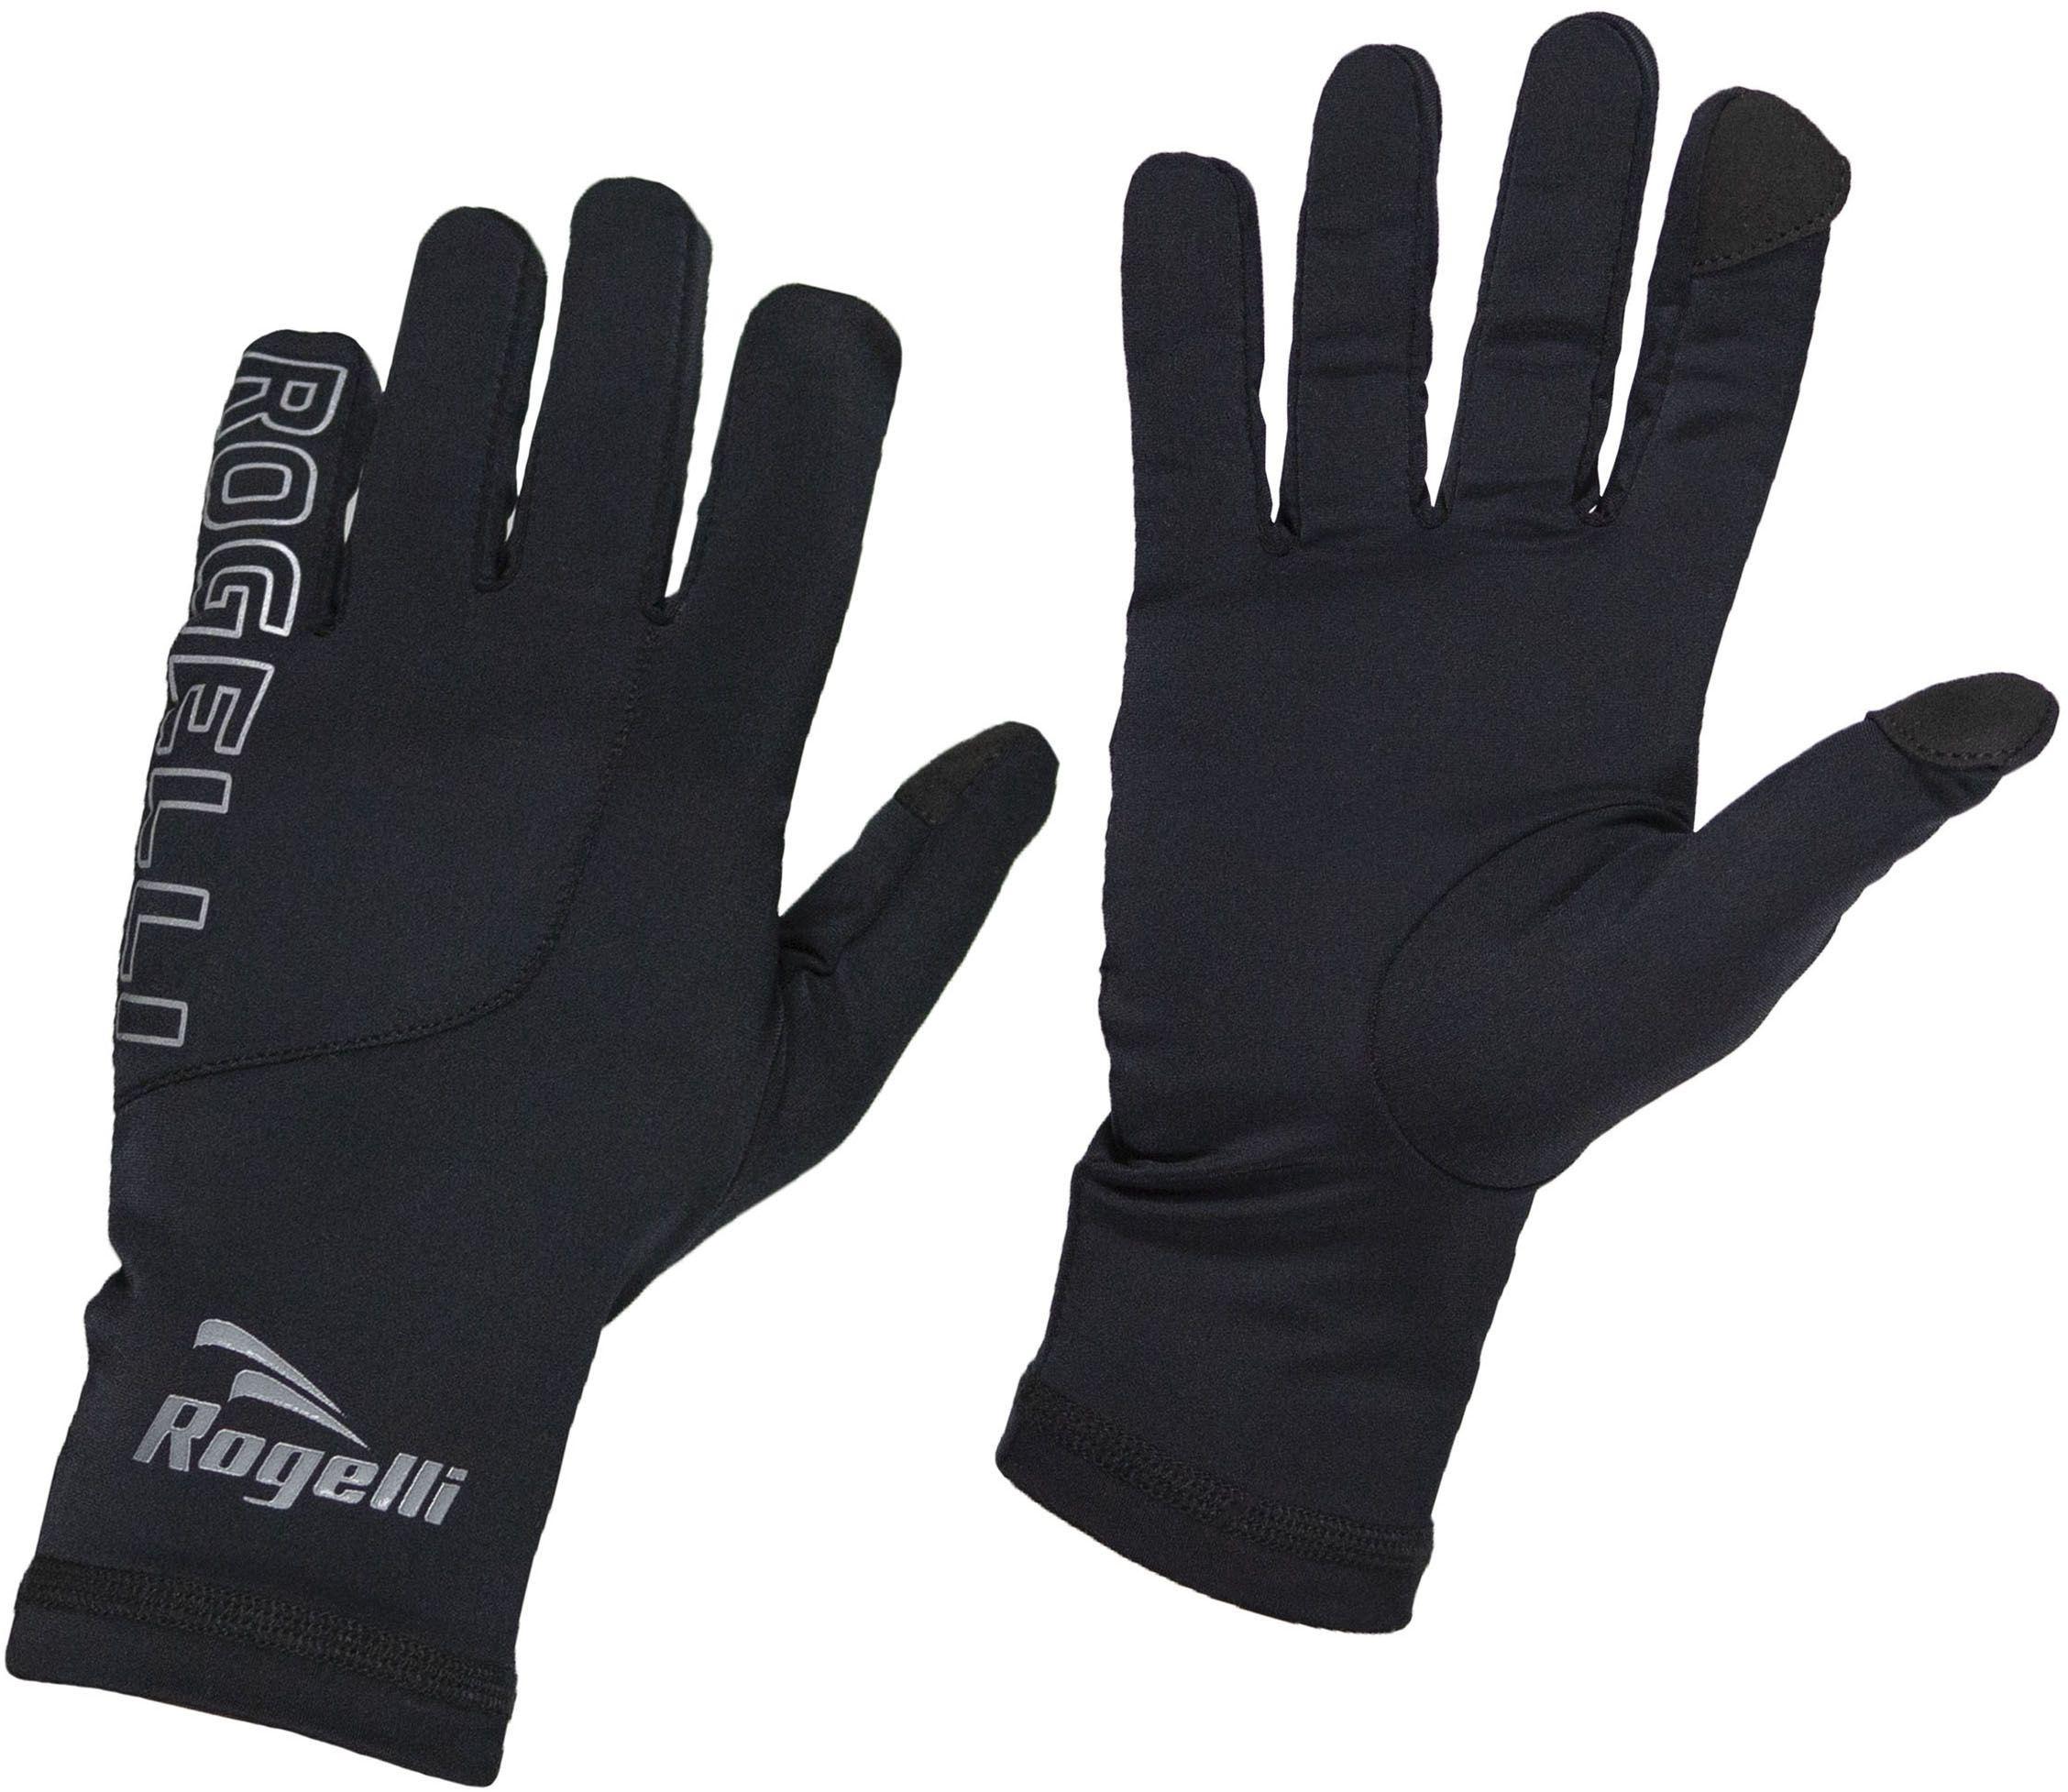 ROGELLI RUN 890.001 TOUCH rękawiczki biegowe czarne Rozmiar: 2XL,rogelli-touch-black-men